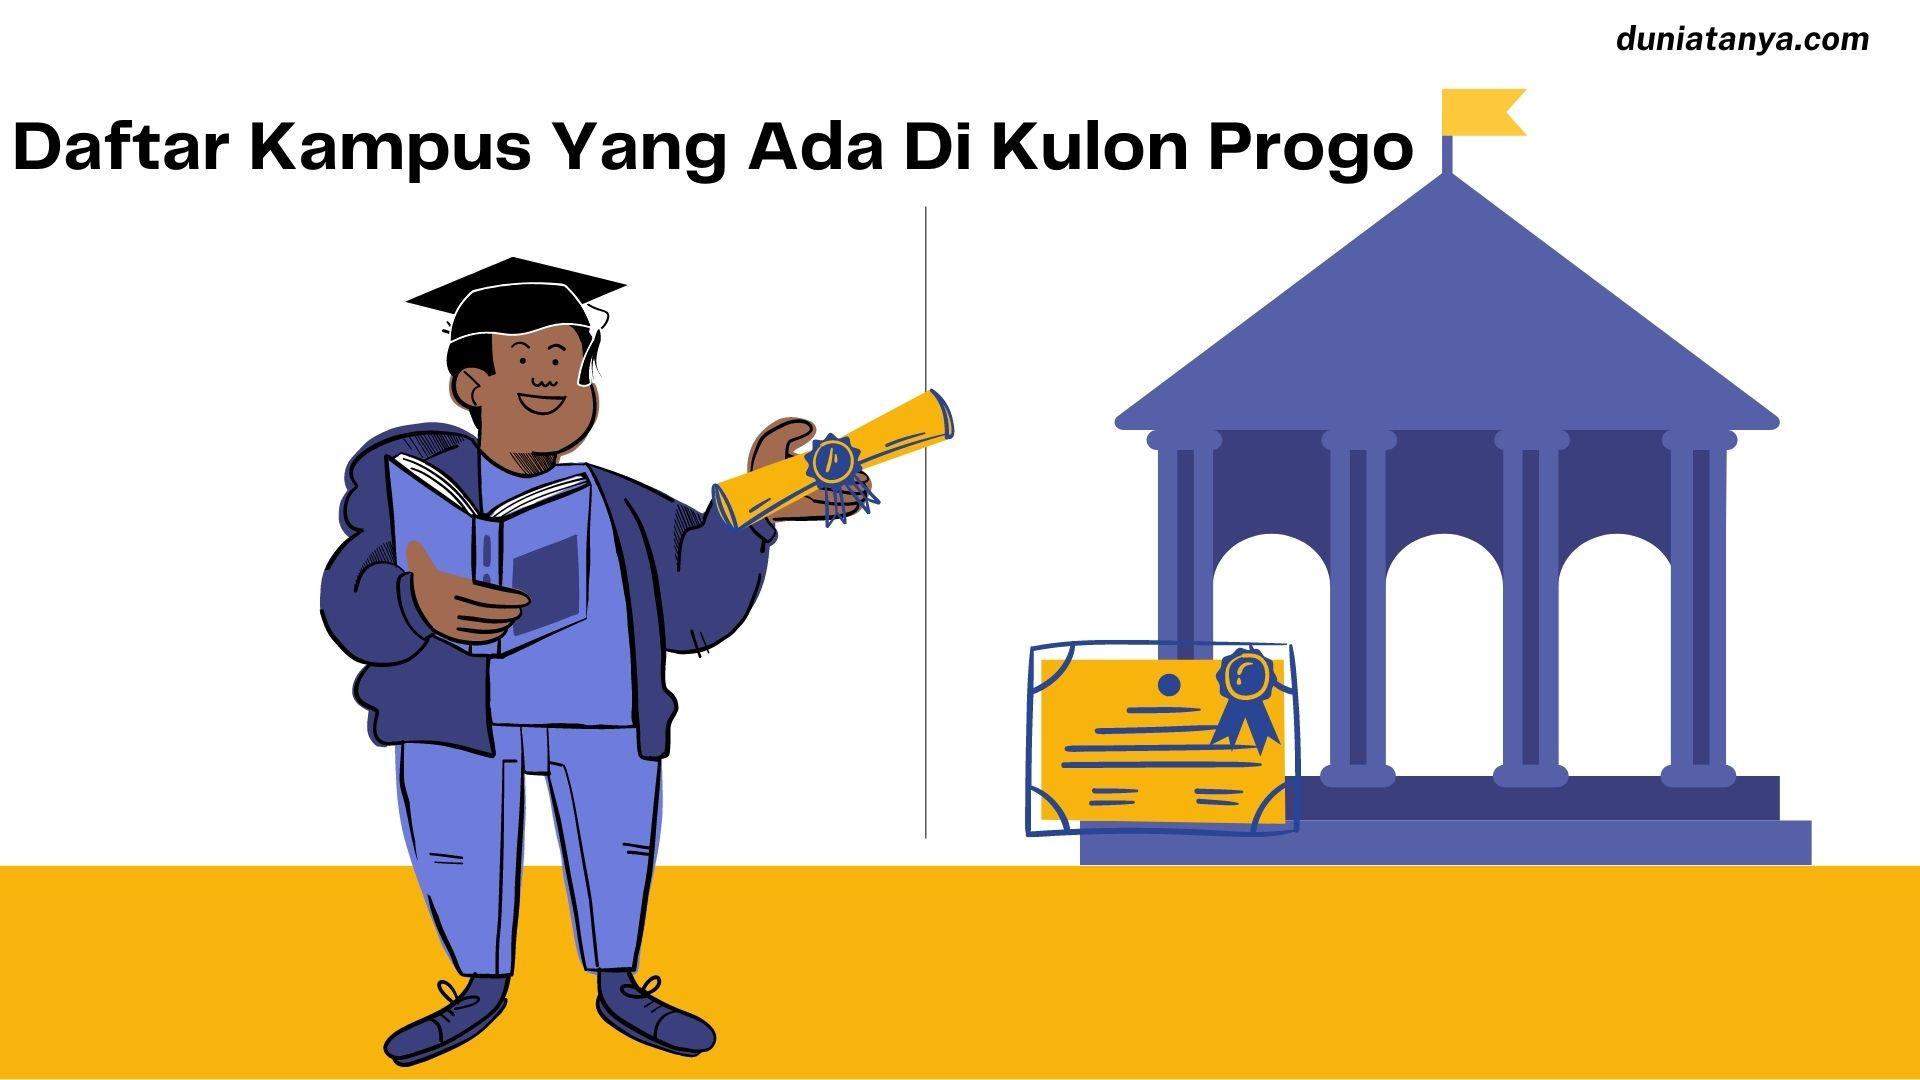 Read more about the article Daftar Kampus Yang Ada Di Kulon Progo